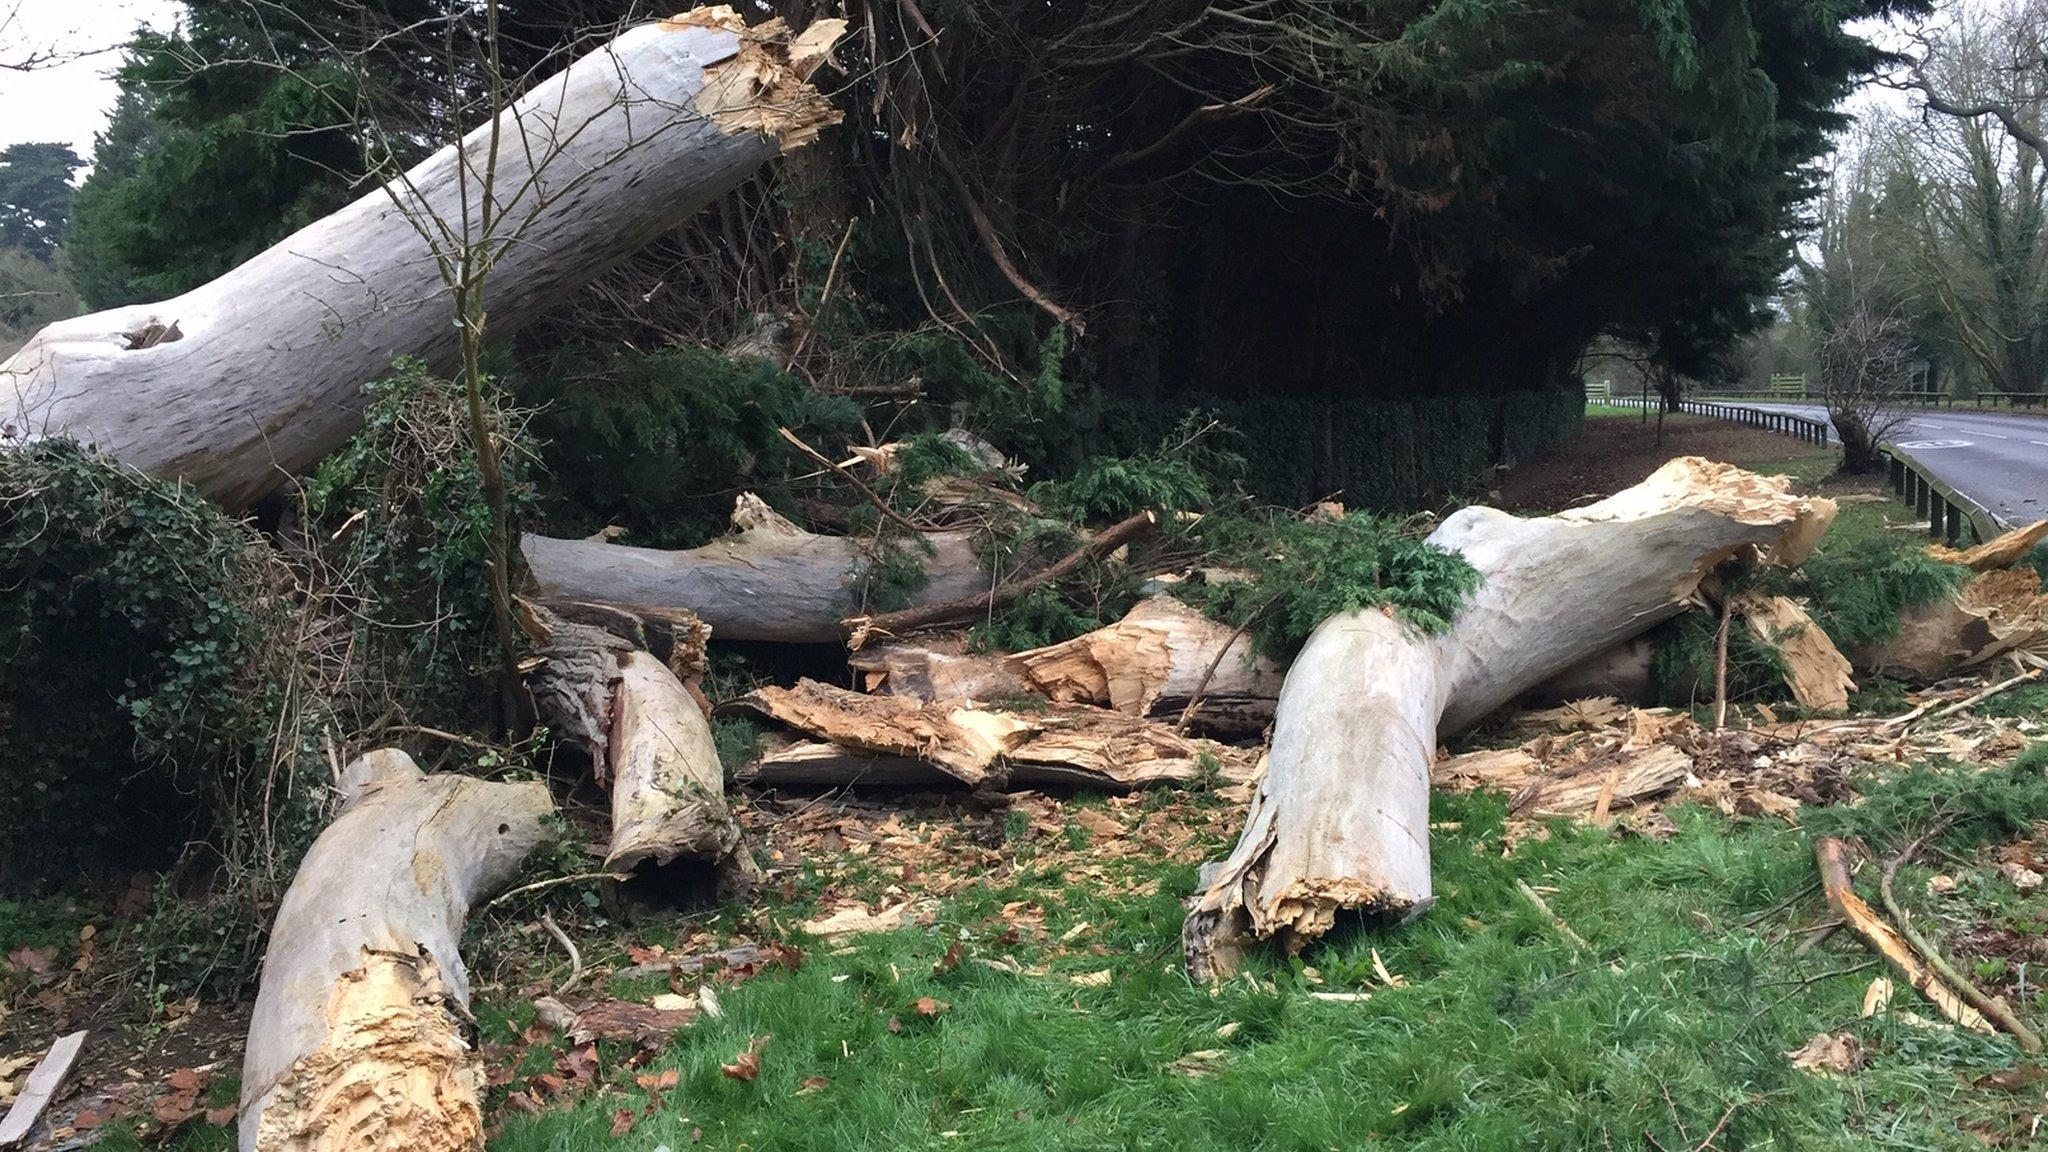 Egham crash: Investigation after passenger crushed by tree